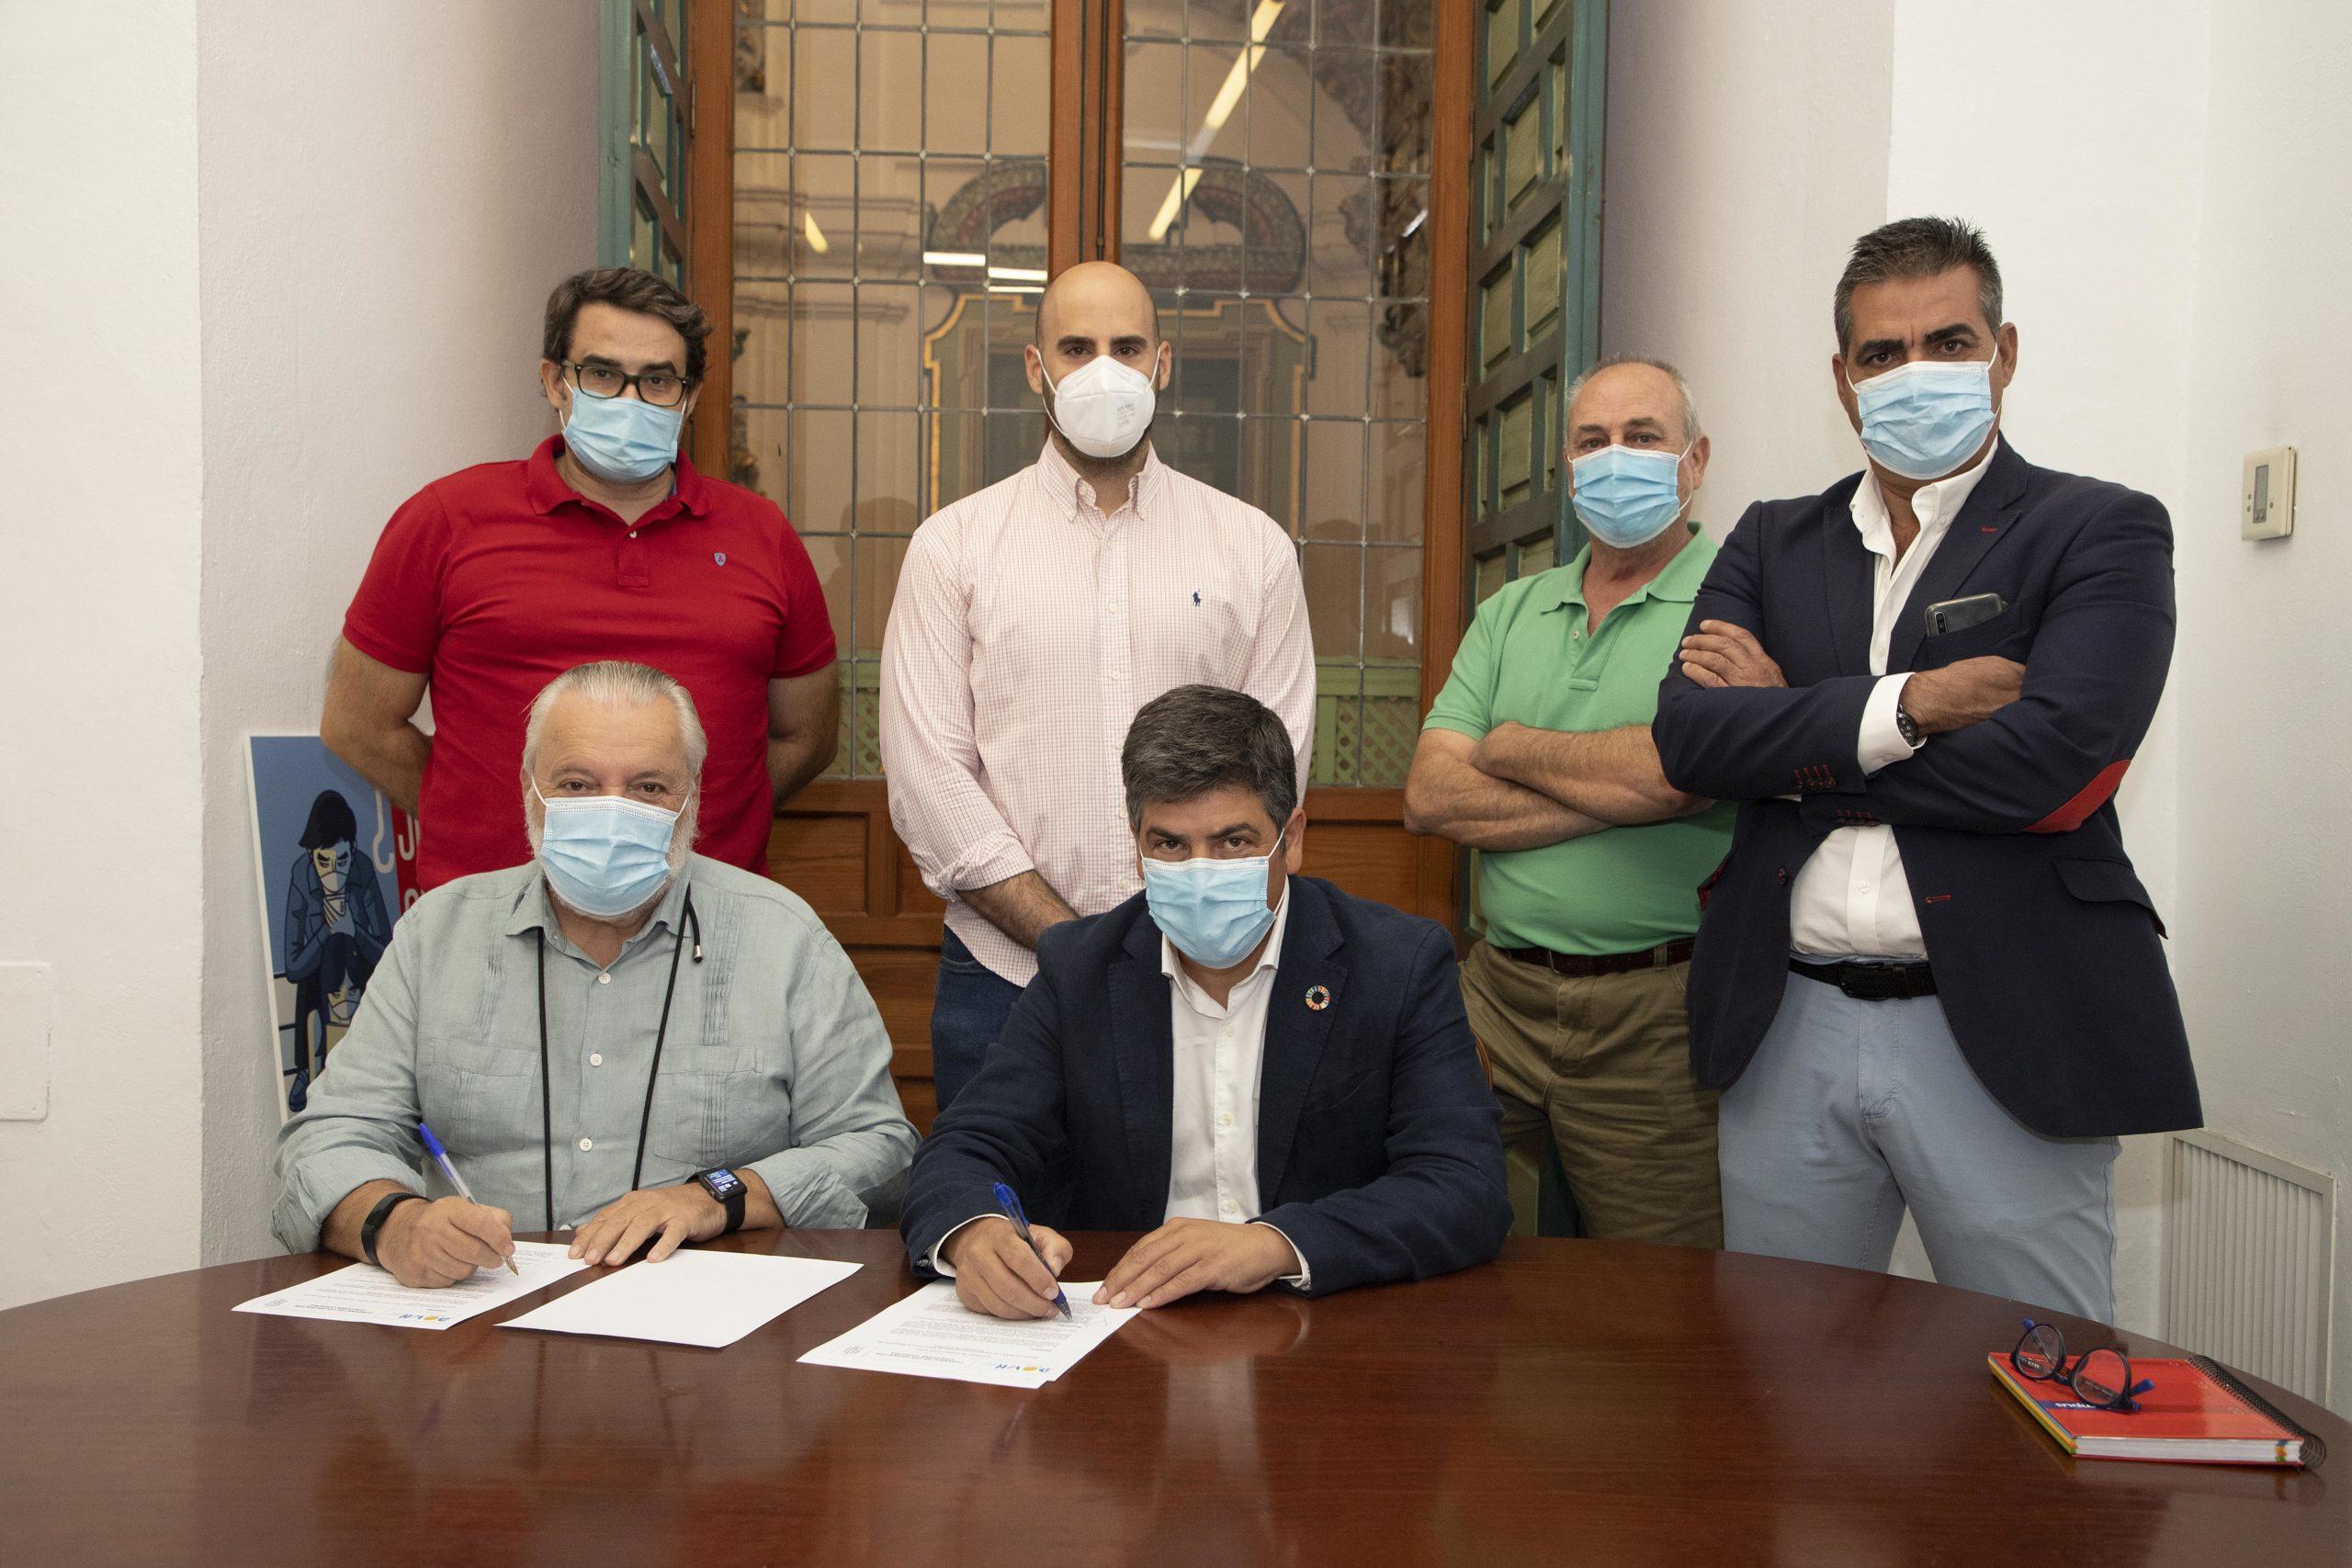 El Consorcio Provincial de Incendios posibilitará que personas con síndrome de down realicen prácticas relacionadas con tareas administrativas en sus dependencias